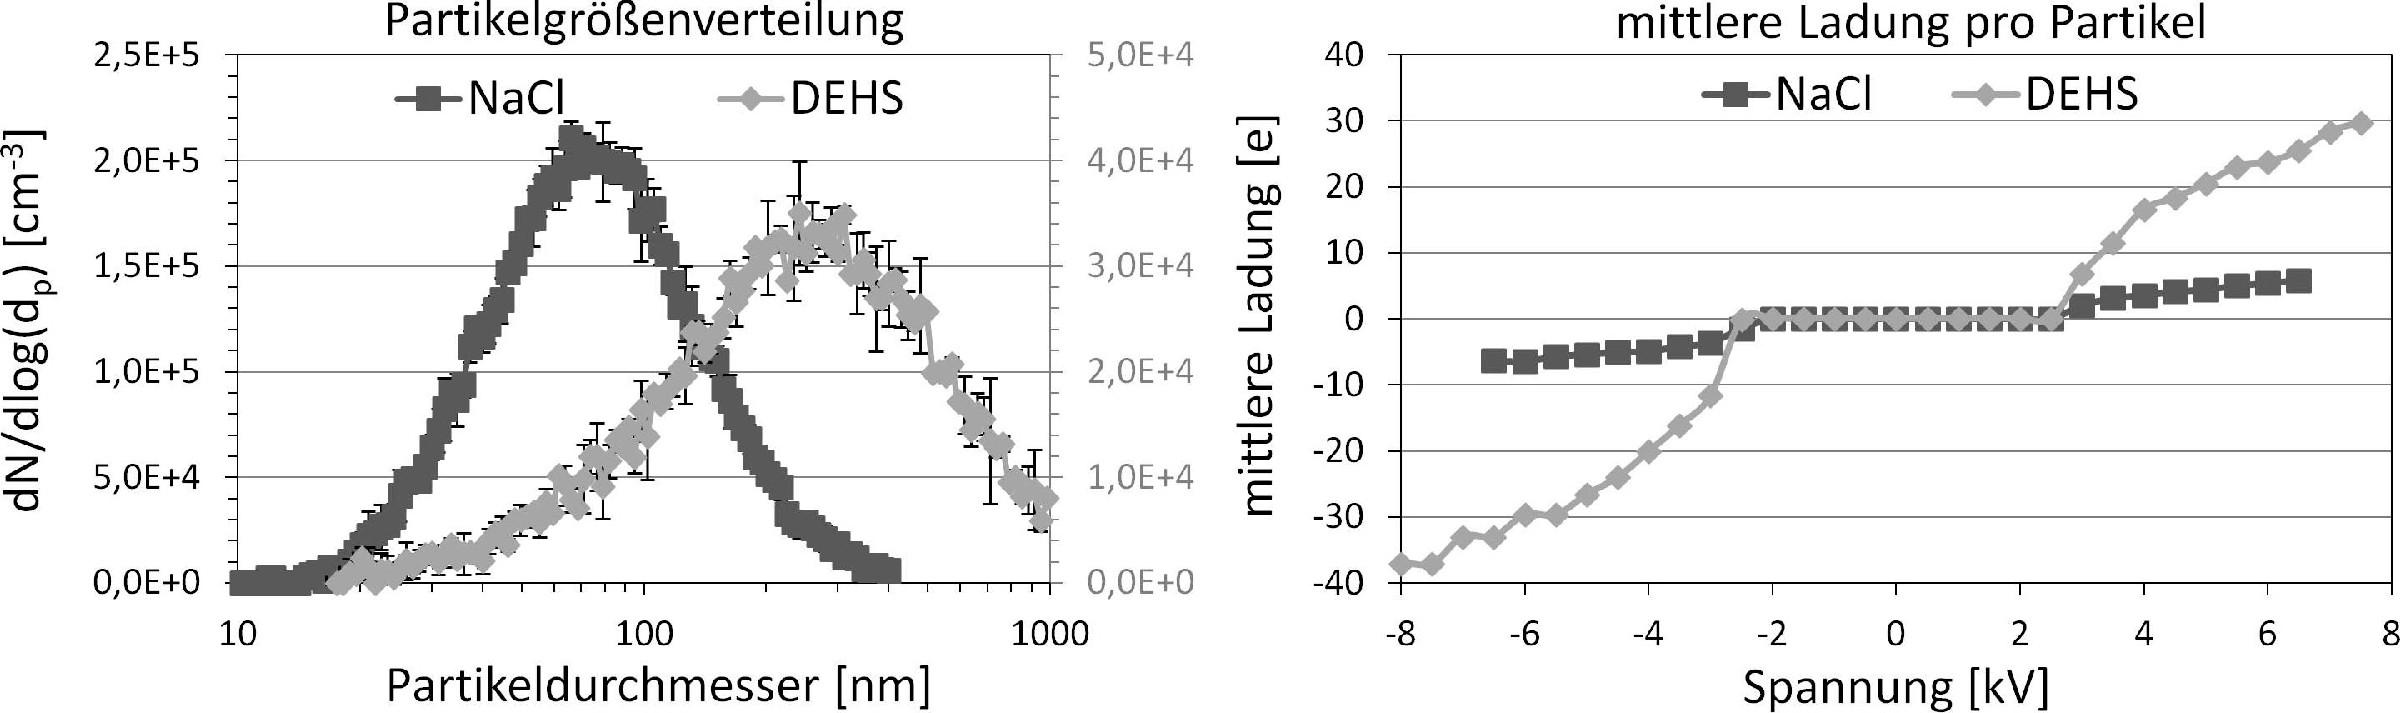 Bild 3. Anzahlgrößenverteilung und mittlere Ladung pro Partikel in Abhängigkeit der am Diffusionsauflader angelegten Spannung für NaCl- und DEHS-Aerosole. Quelle: IUTA